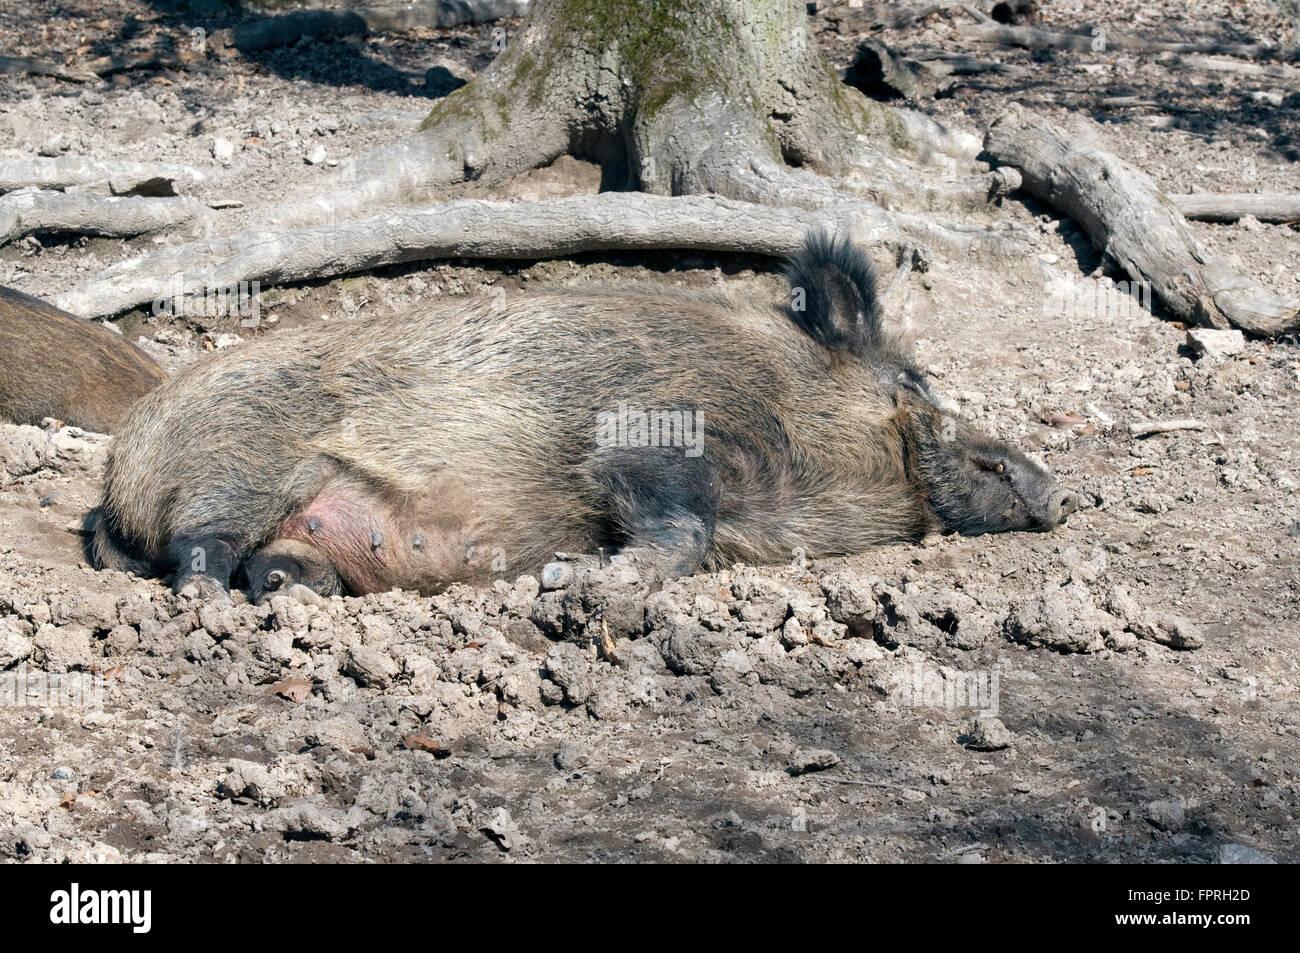 Wildschwein, Sus scrofa - Stock Image